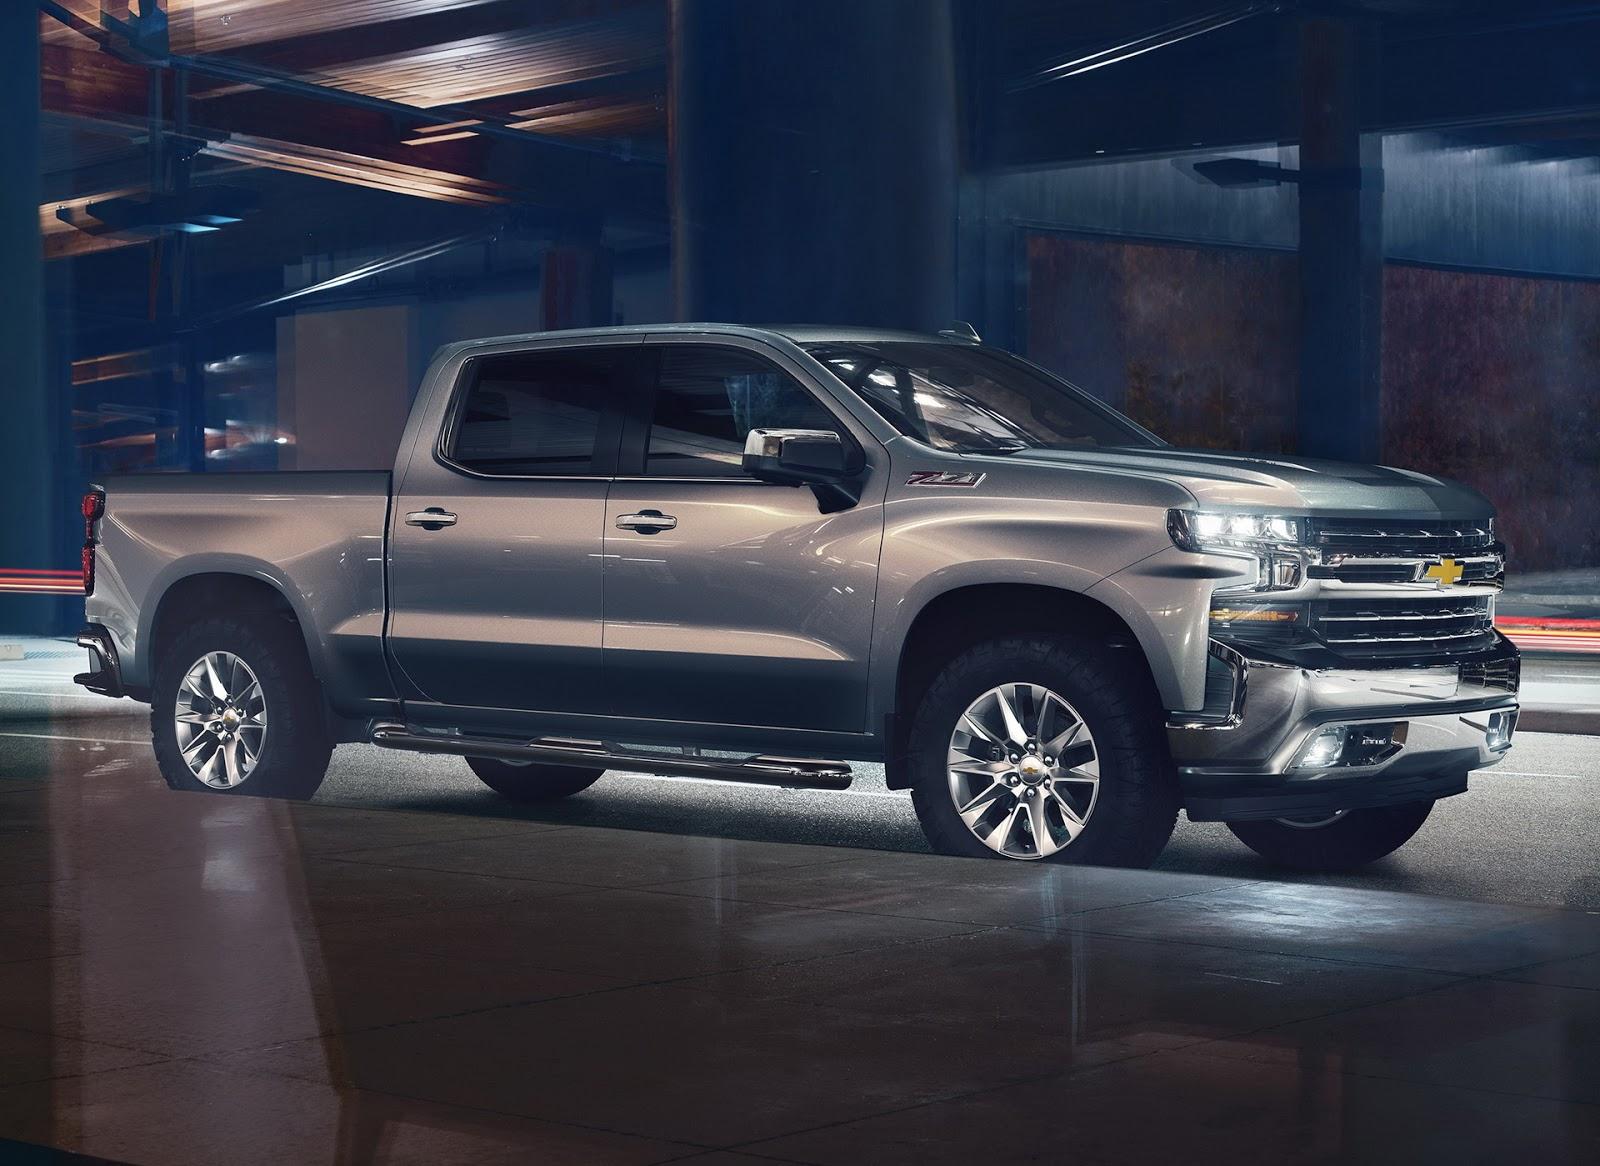 2019-Chevrolet-Silverado-005